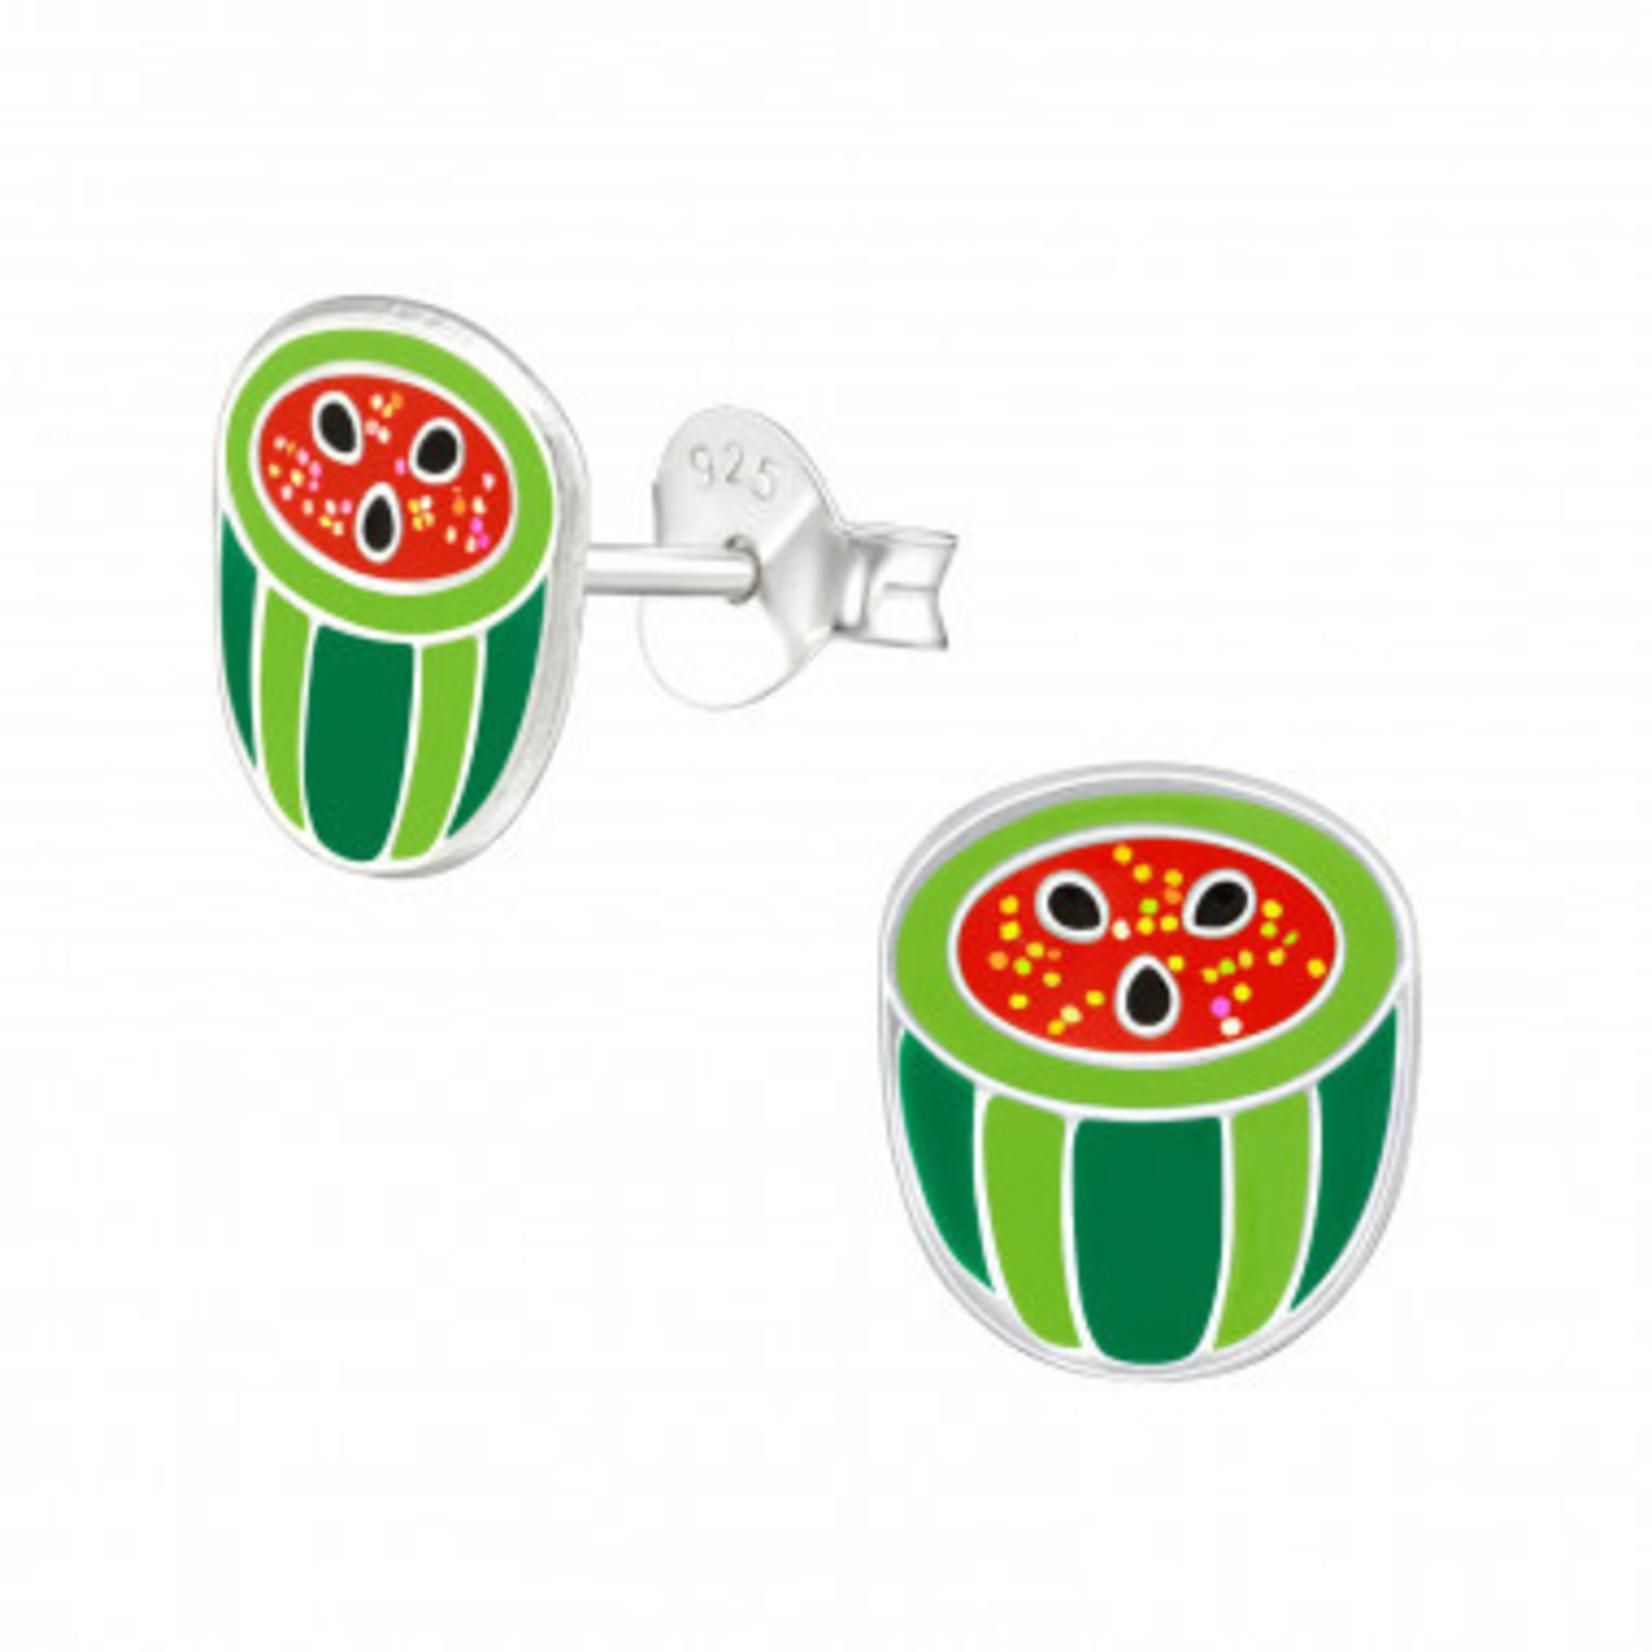 Oorstekers - Halve watermeloen - Rood/Groen